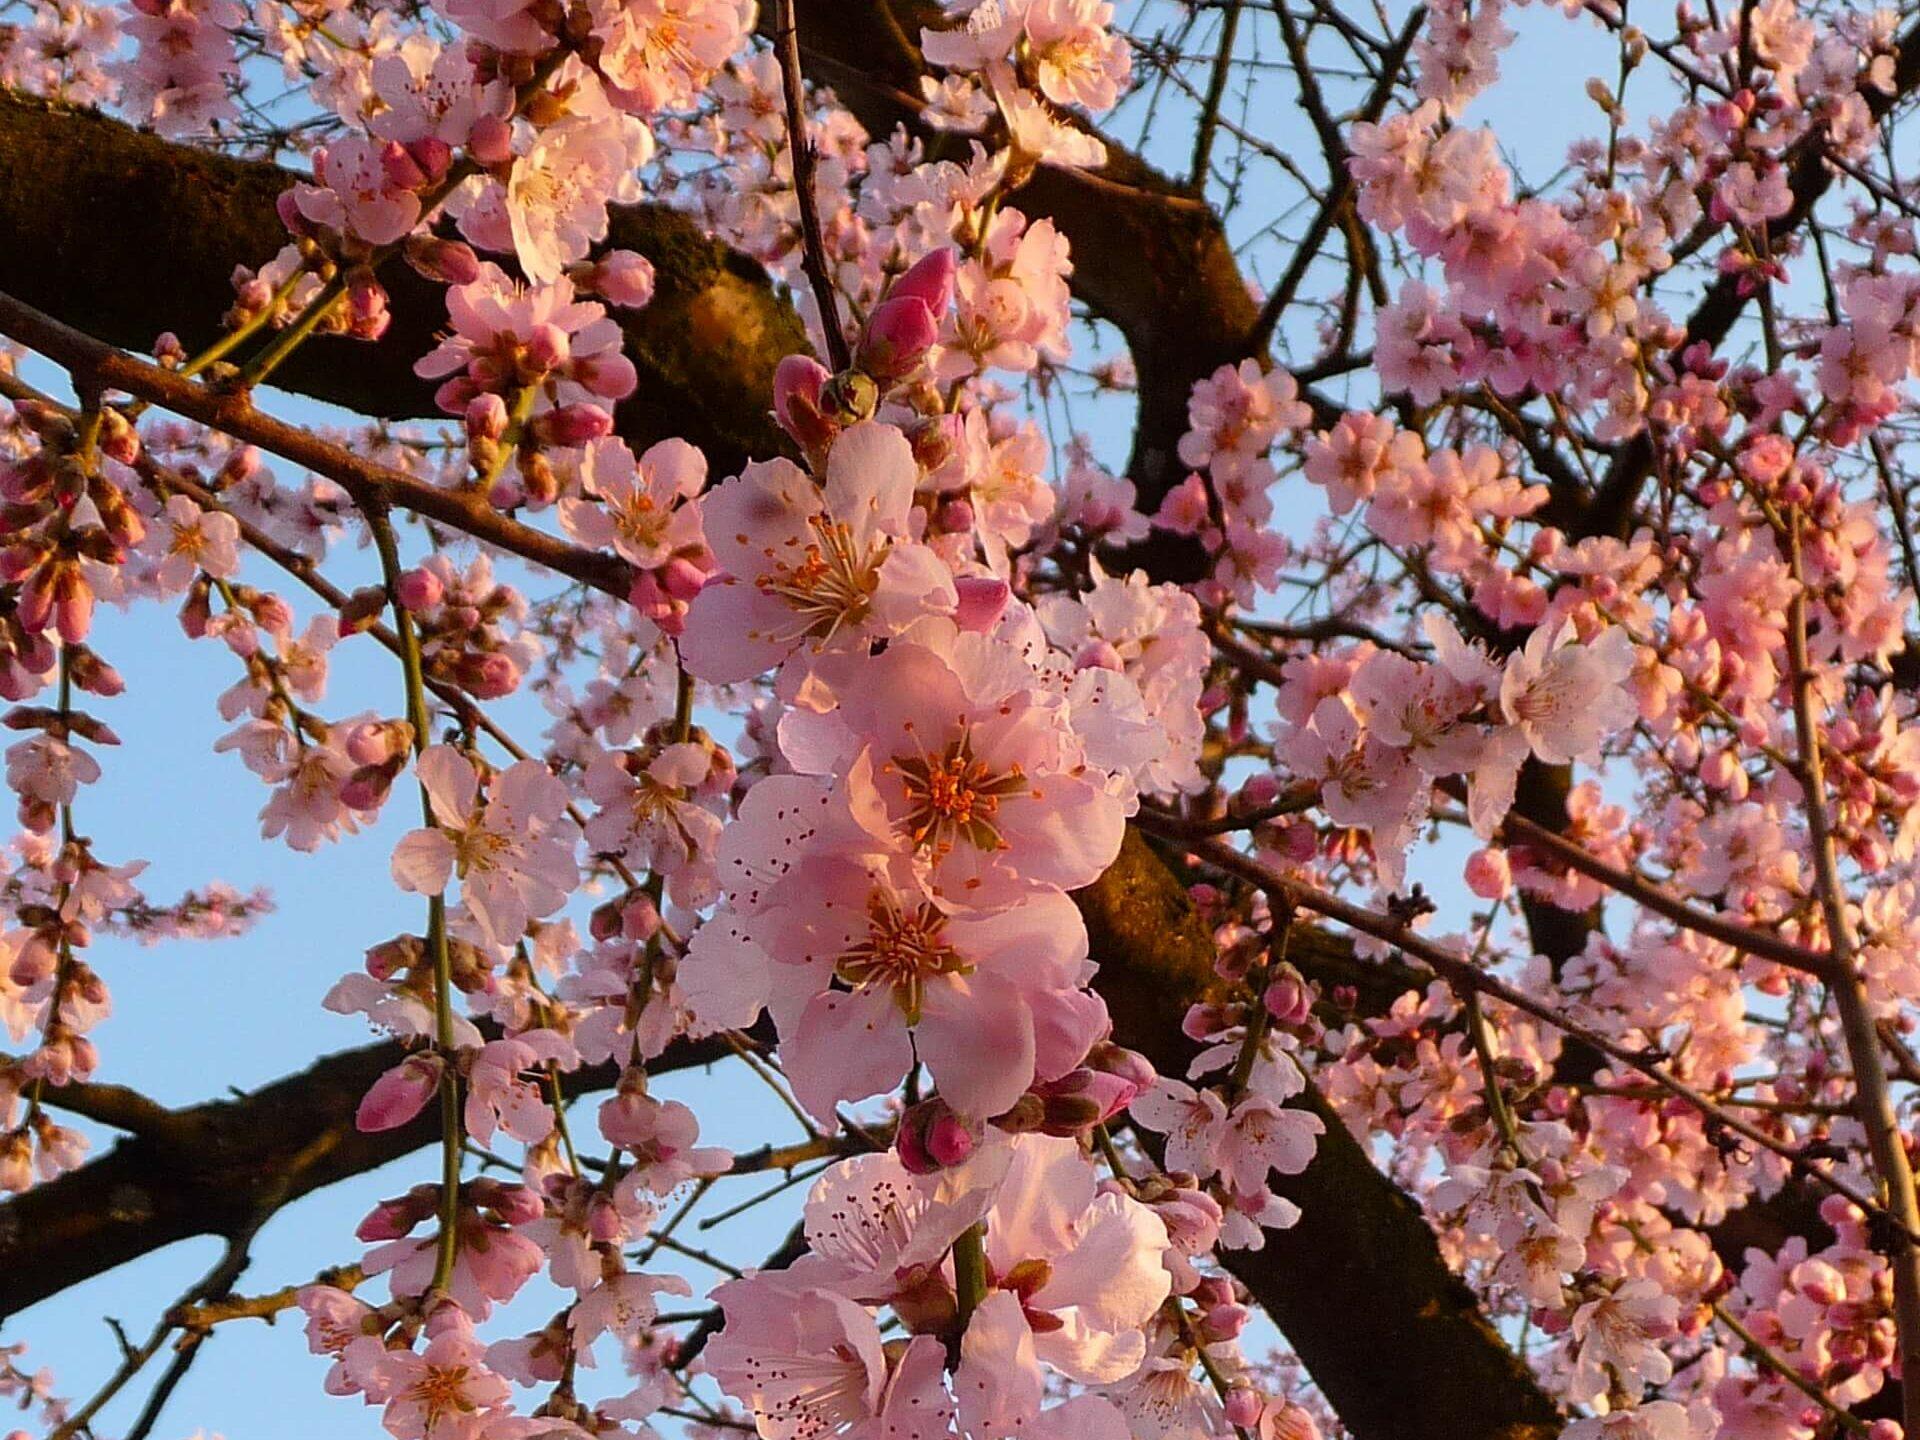 Schacht France Schnittgrün Produktion Mandelblüte Prunus Dulcis Handbund